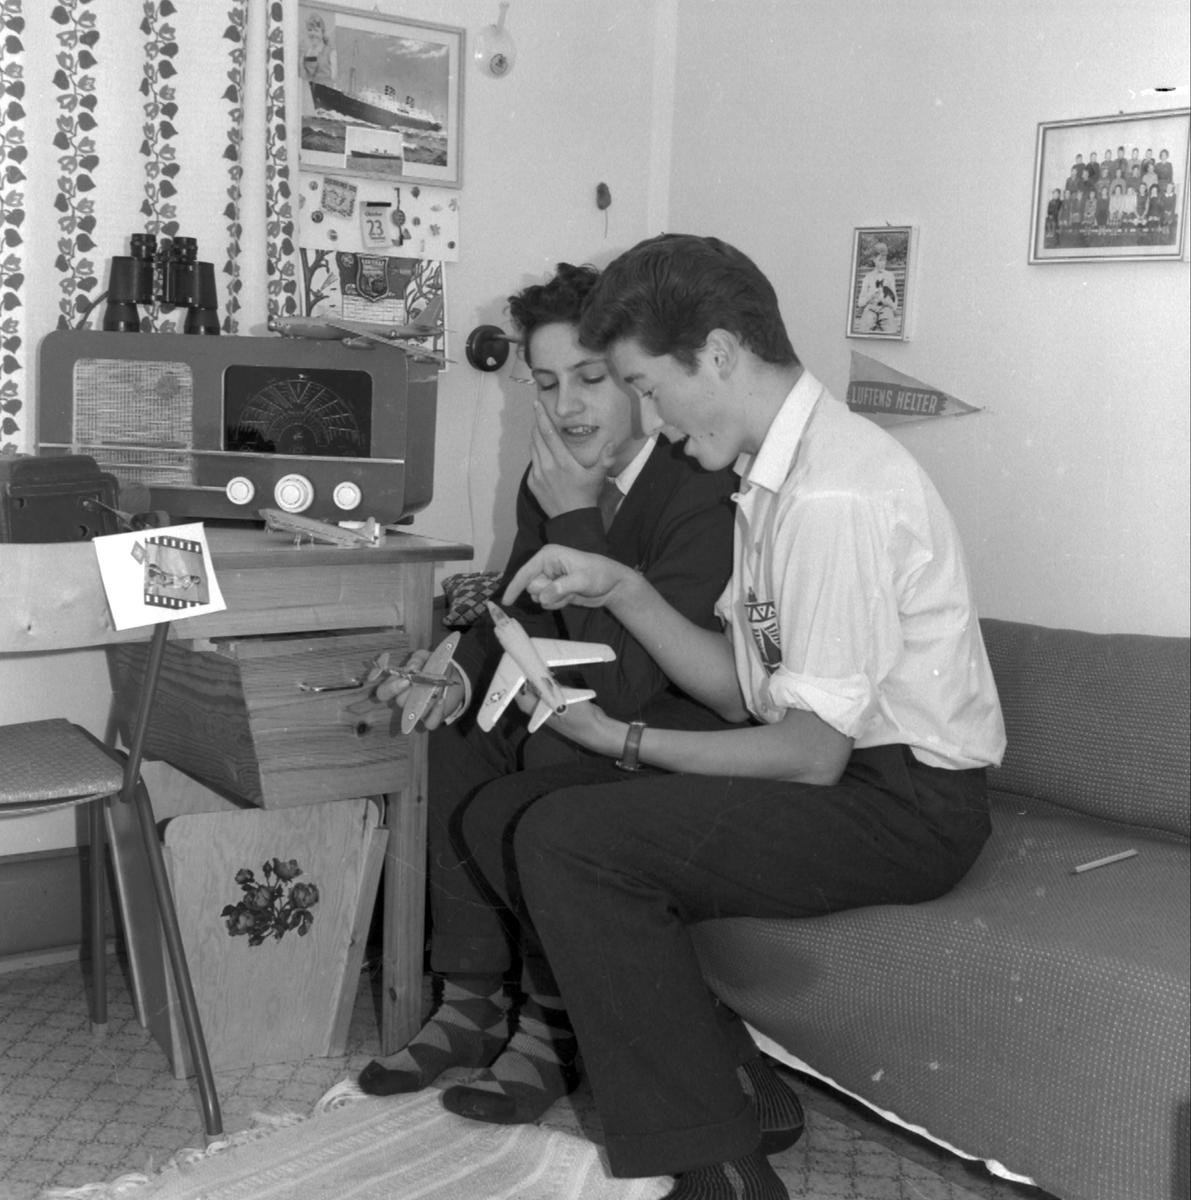 Arne Moe og Tormod E. Eitrheim studerer modellfly på gutterommet. Bord med skuffe, radio, kikkert, papirkorg av finér (laga på sløyden) kombinert seng og sittebenk røyrstol,  på veggen: klassefoto, kalender, timeplan, gardin (Foto/Photo)